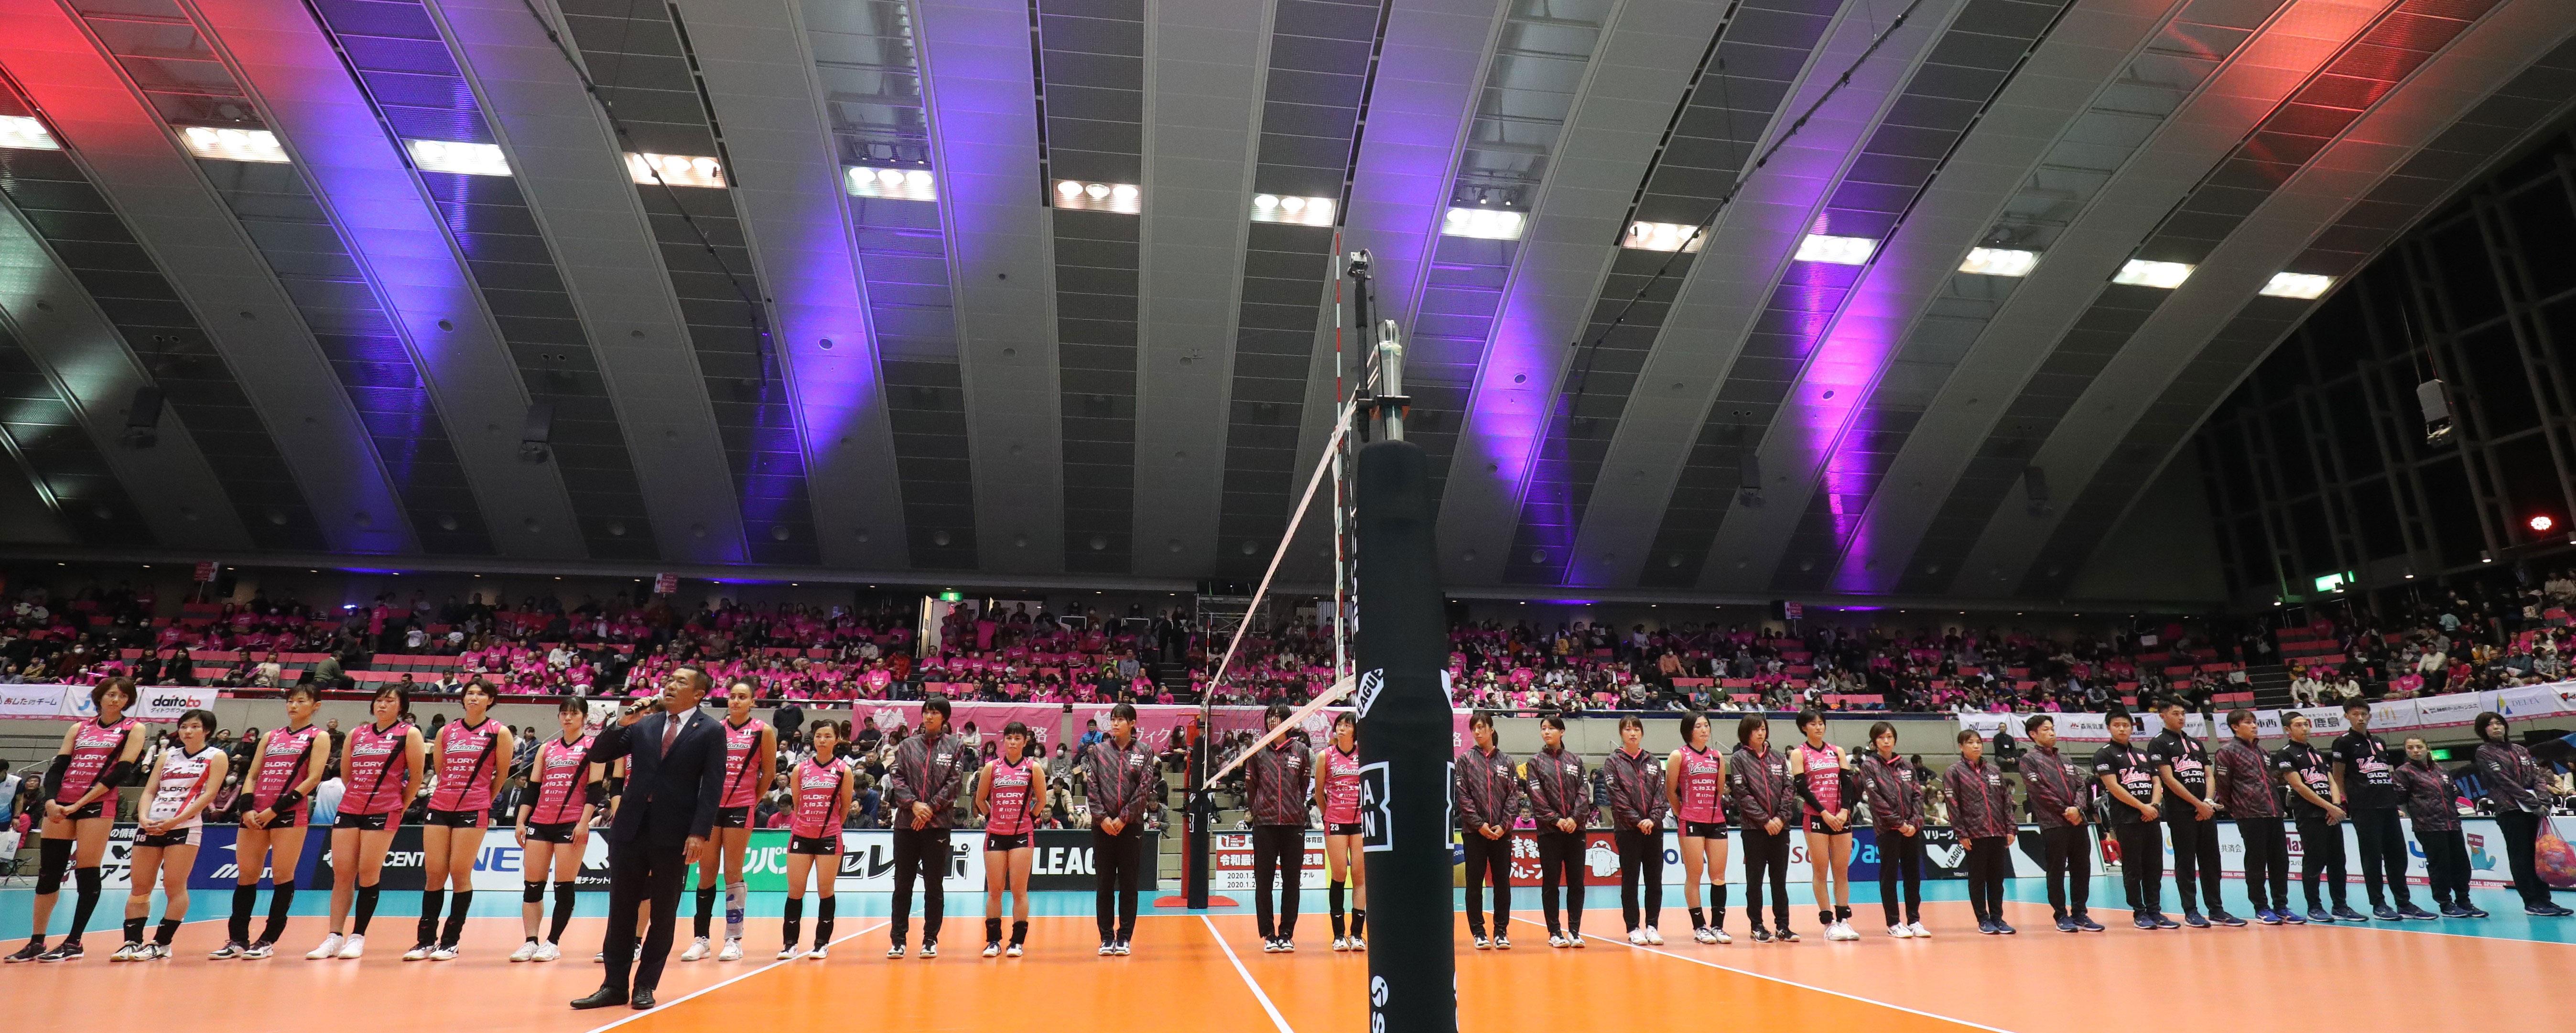 2019.12.29 ウインク体育館 vs 岡山シーガルズ